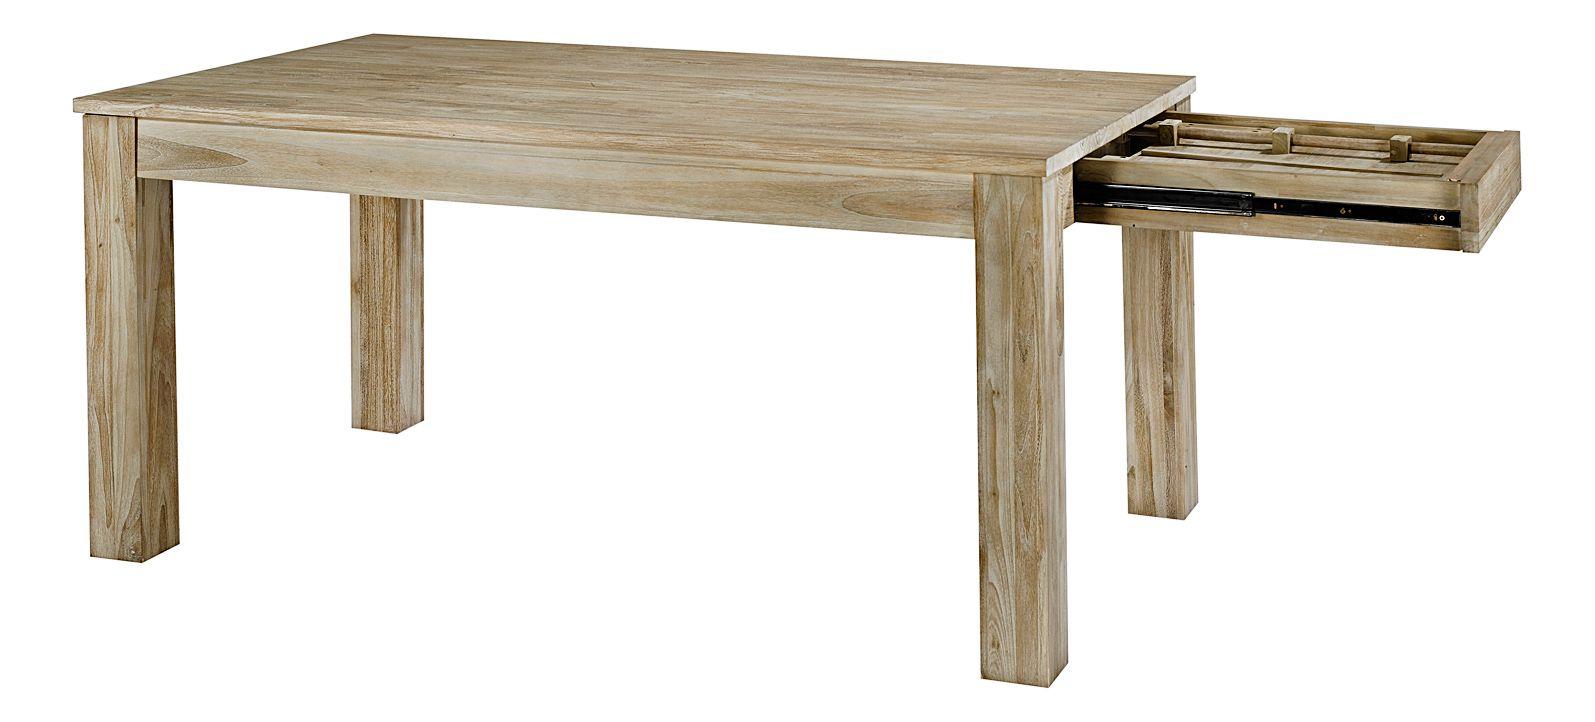 Table repas rectangulaire en teck avec allonge origine - Table rectangulaire avec allonge ...